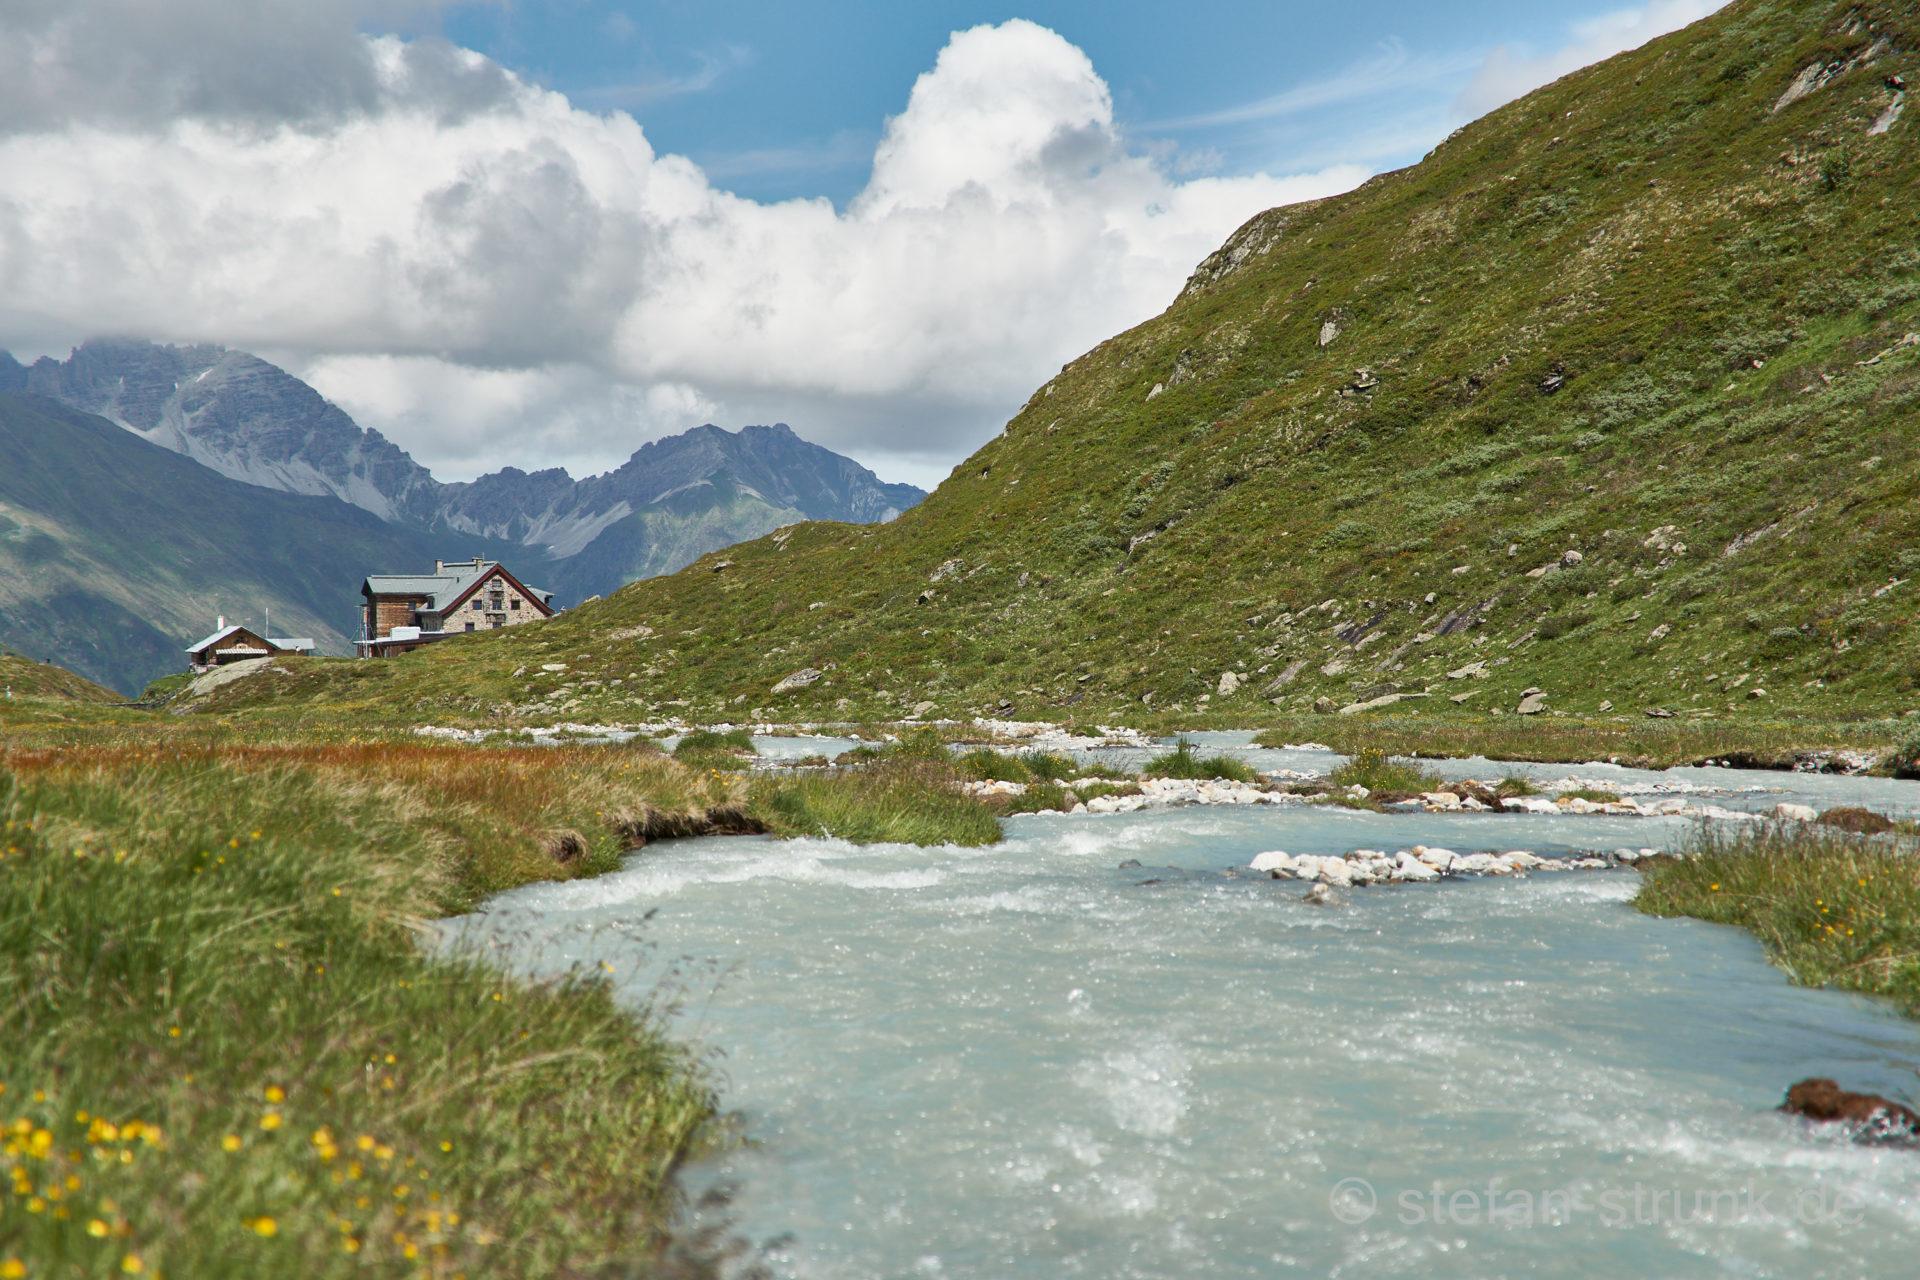 Stefan Strunk- Ausbildung Bergsteigen 2020